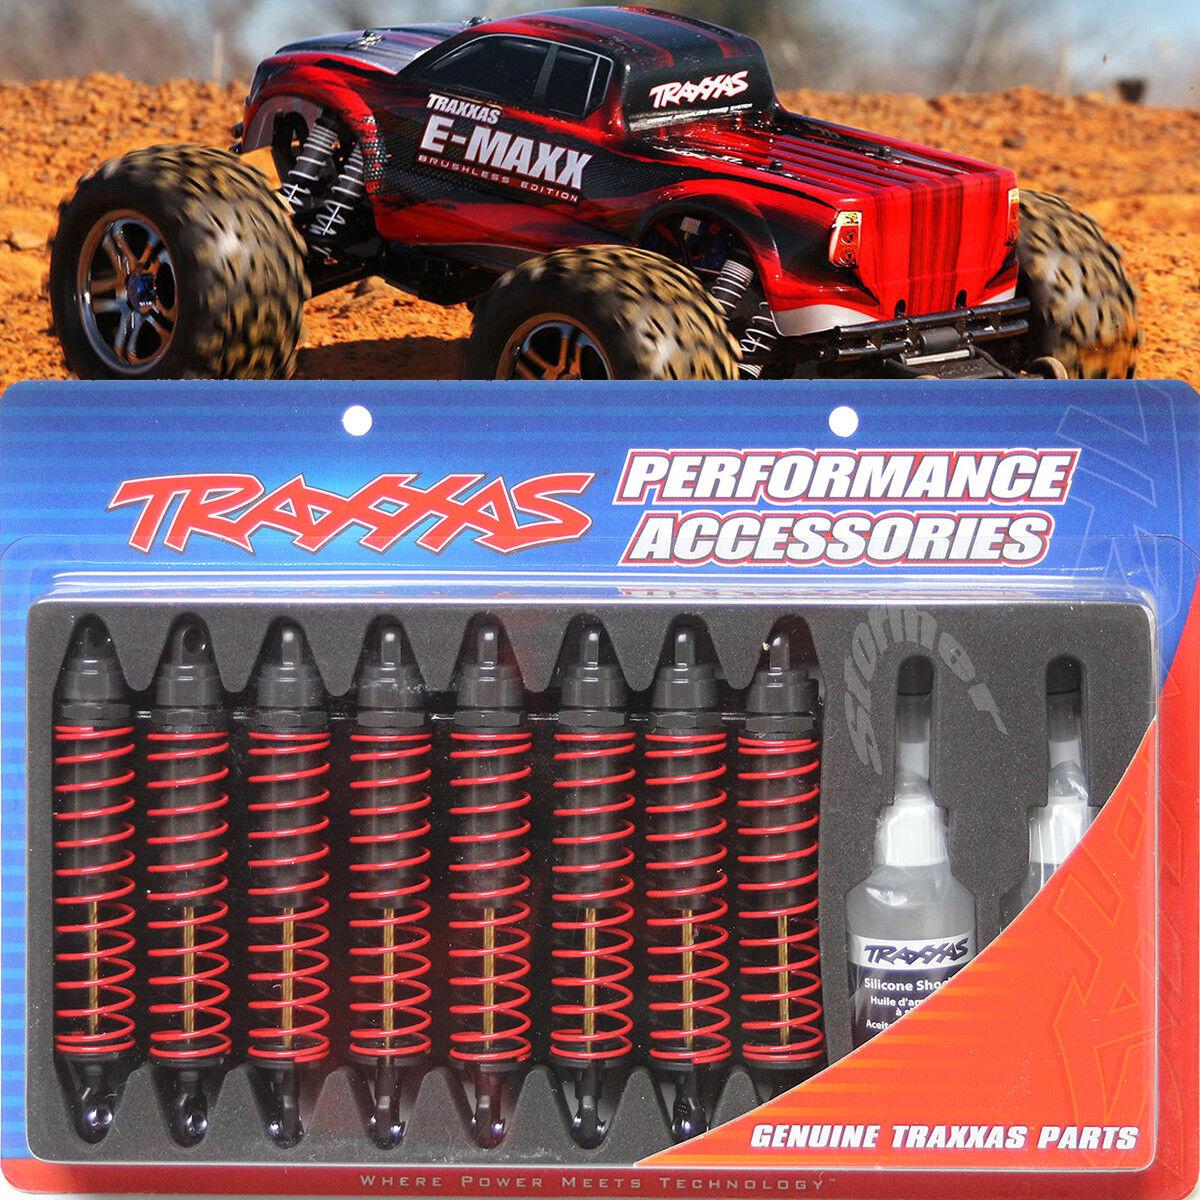 Traxxas X-Long Big Bore 4962 Shocks för E-MAXX.Rekommänderad uppkvalitetringa.